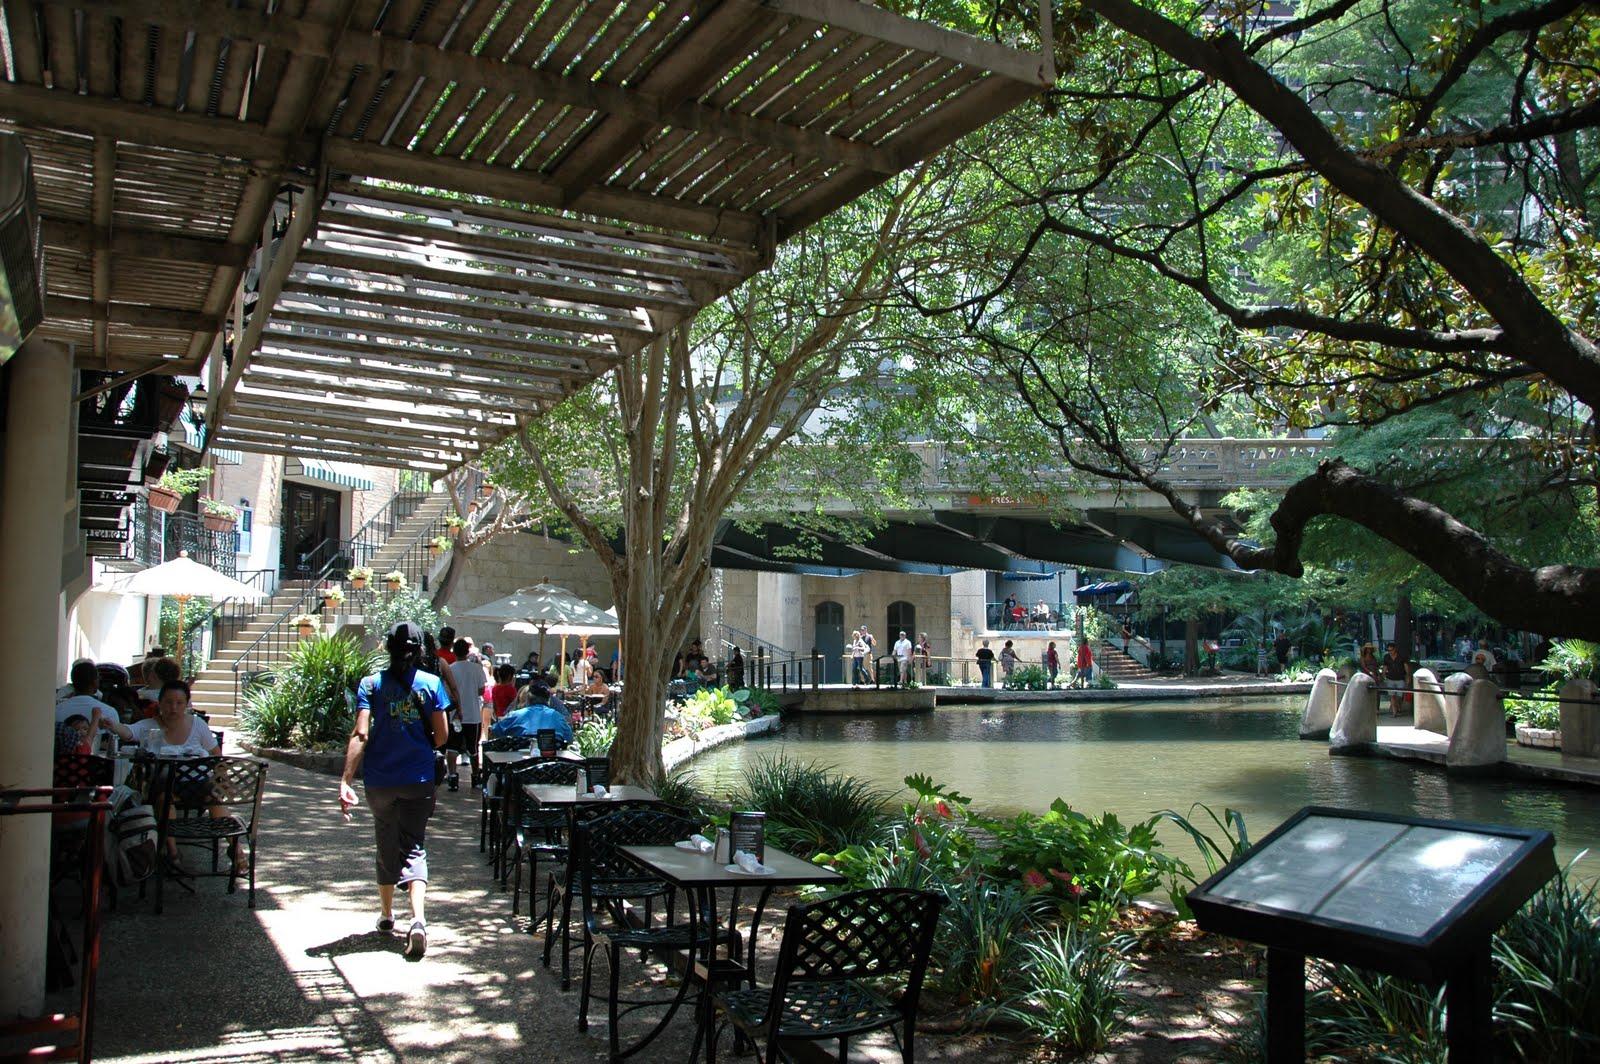 Whatvlthinks San Antonio River Walk San Antonio Tx